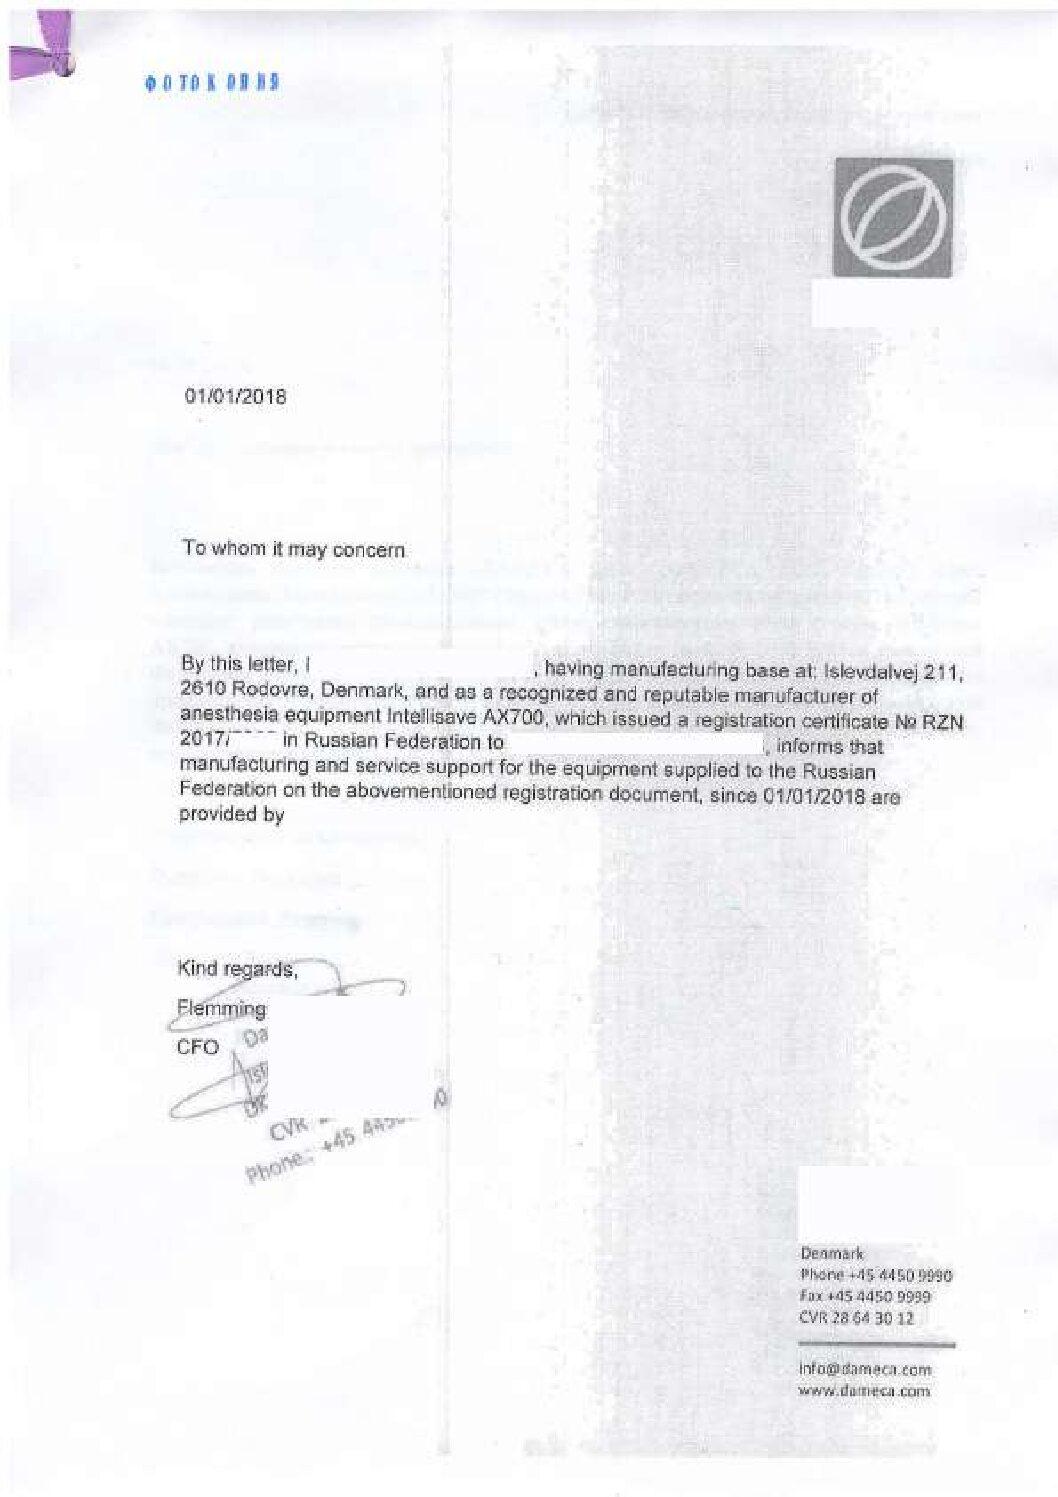 Пример нотариального перевода делового письма с английского